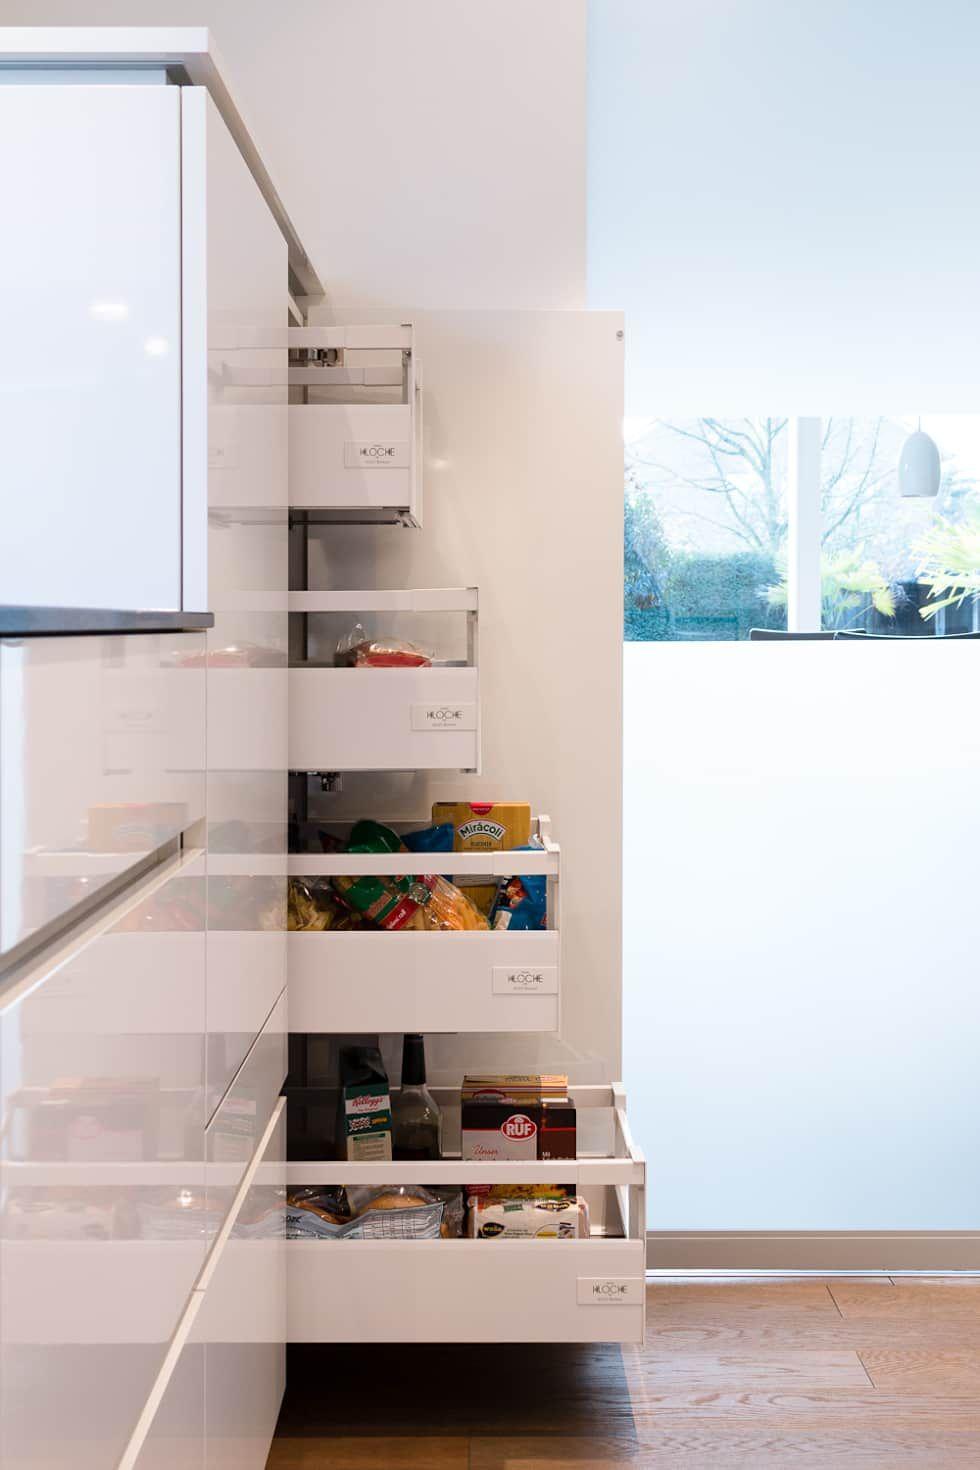 Küchen Vorratsschrank wohnideen interior design einrichtungsideen bilder